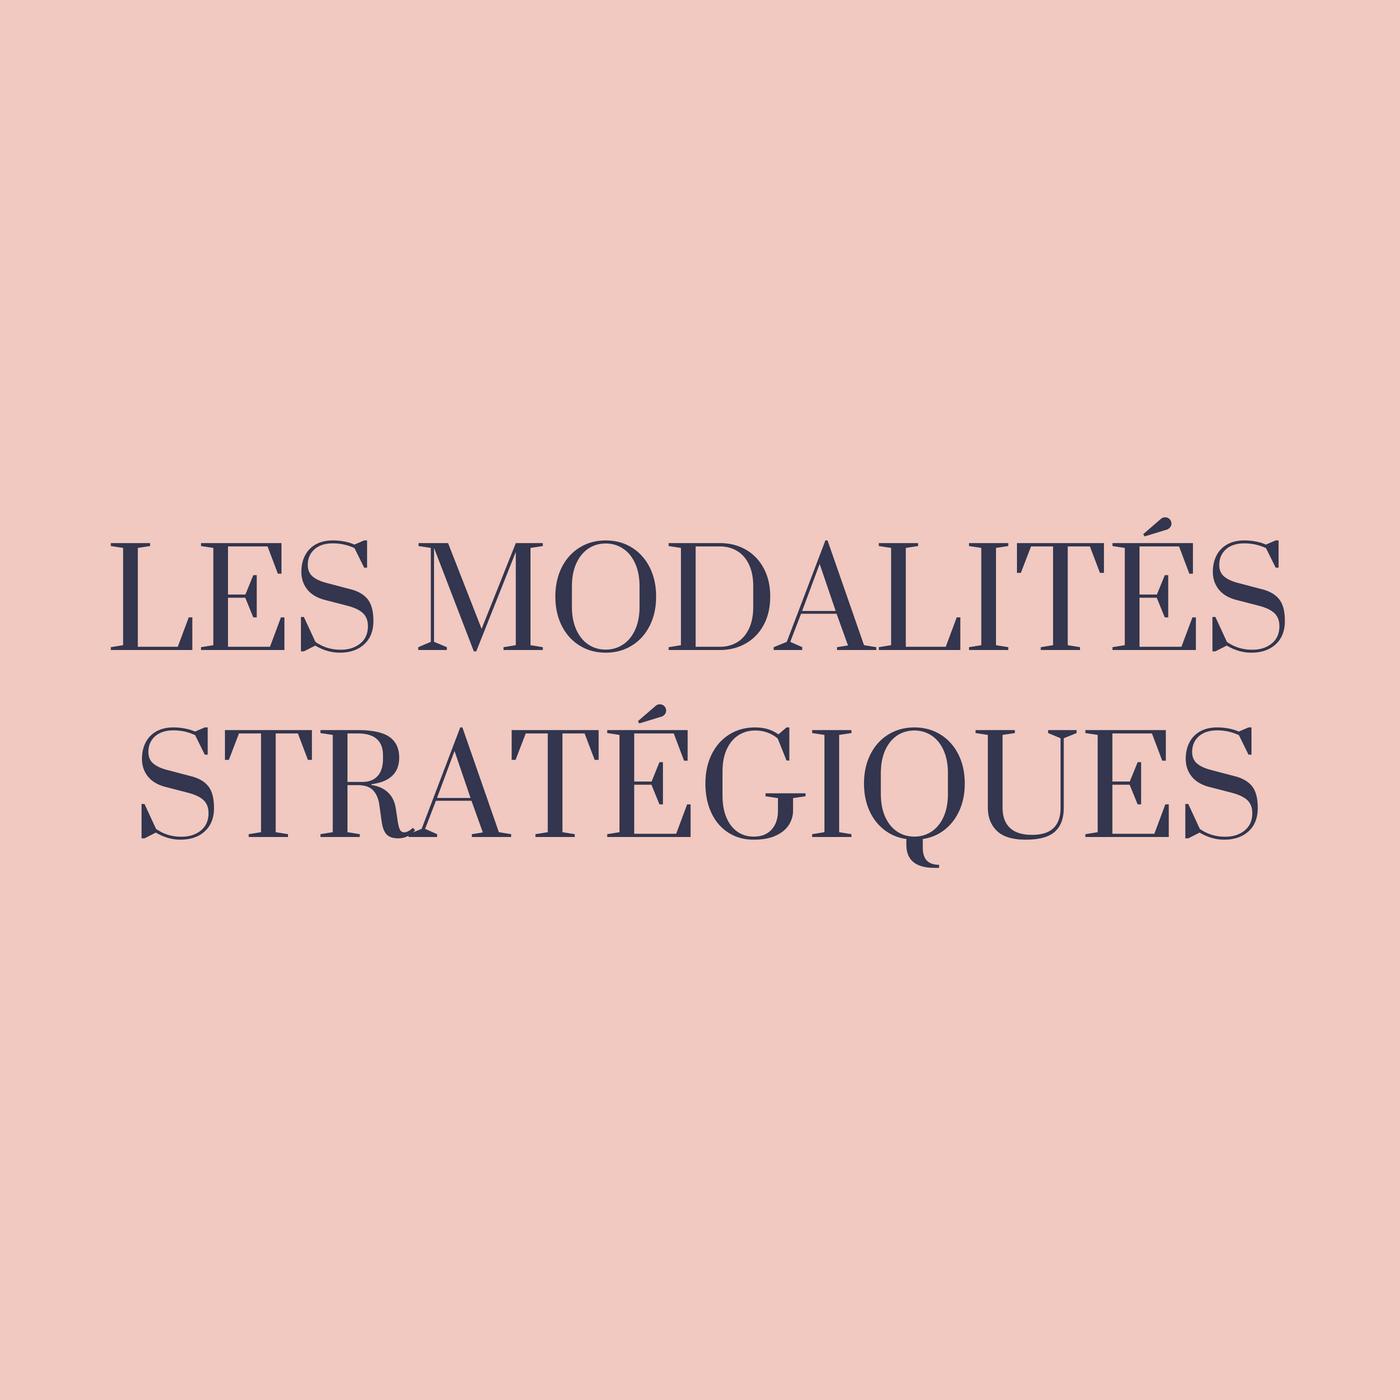 Les modalités de développement stratégique